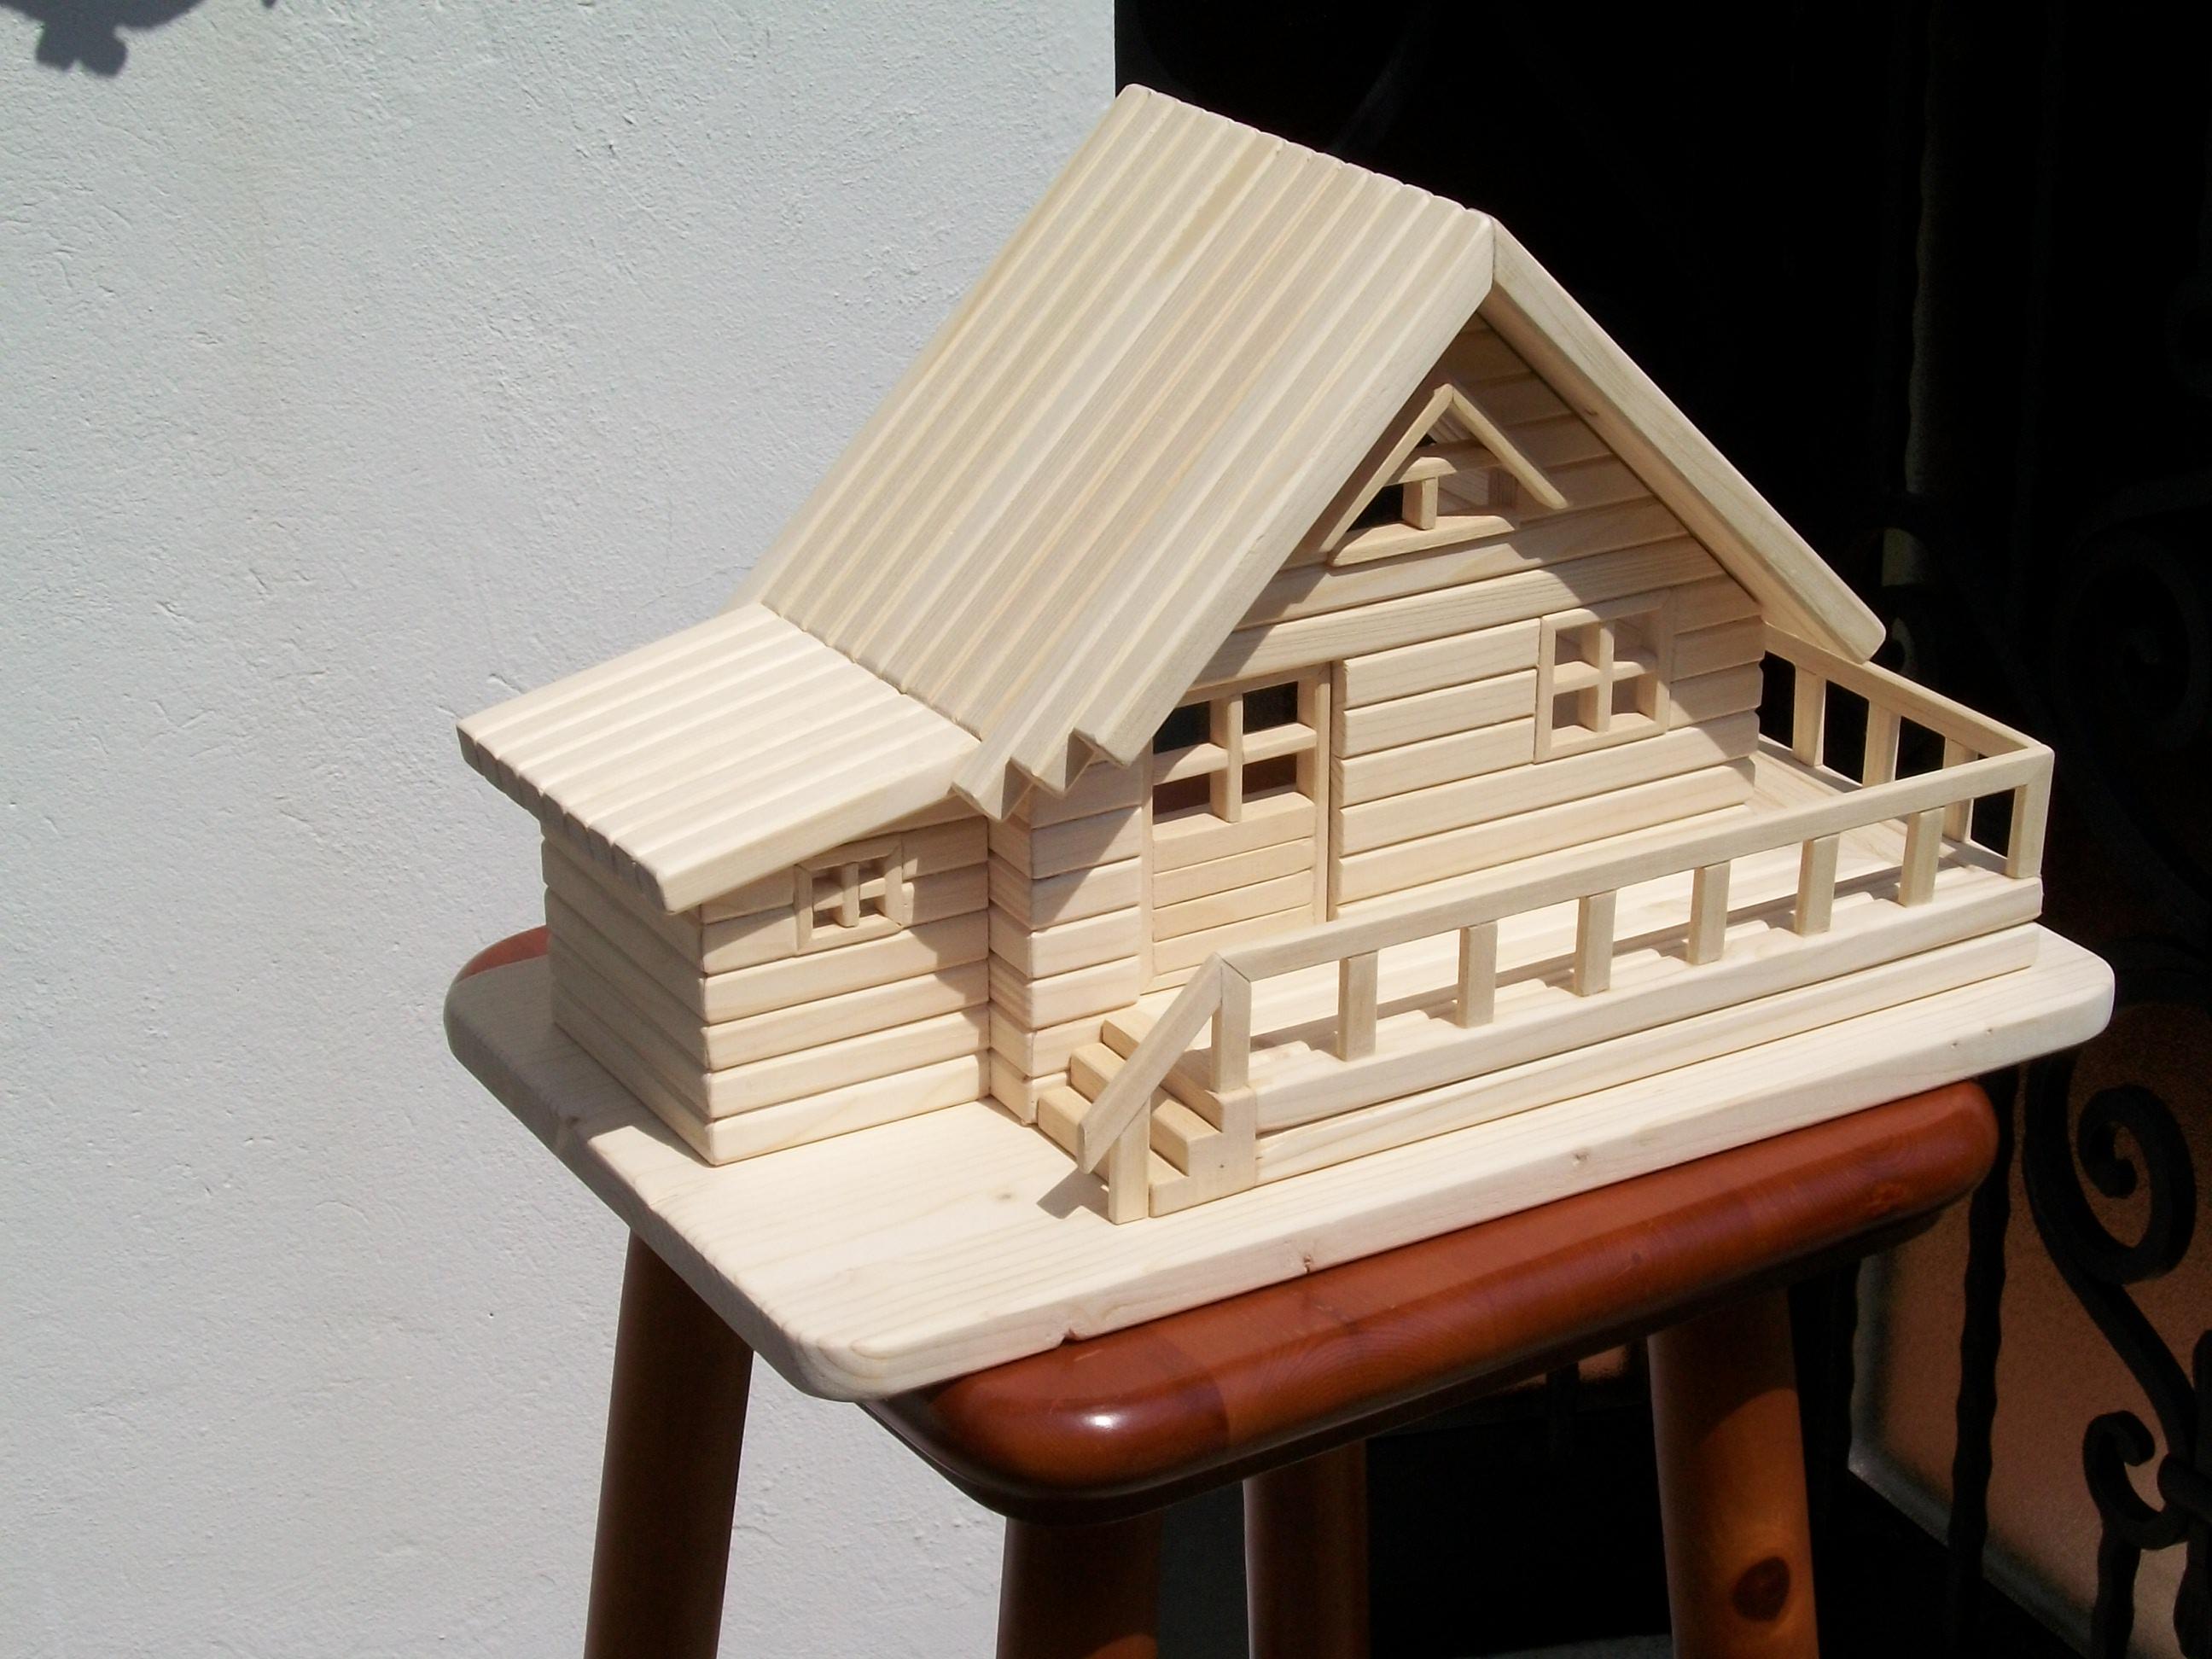 Oggetti in legno fai da te by silvano capanna con for Piccoli oggetti in legno fatti a mano